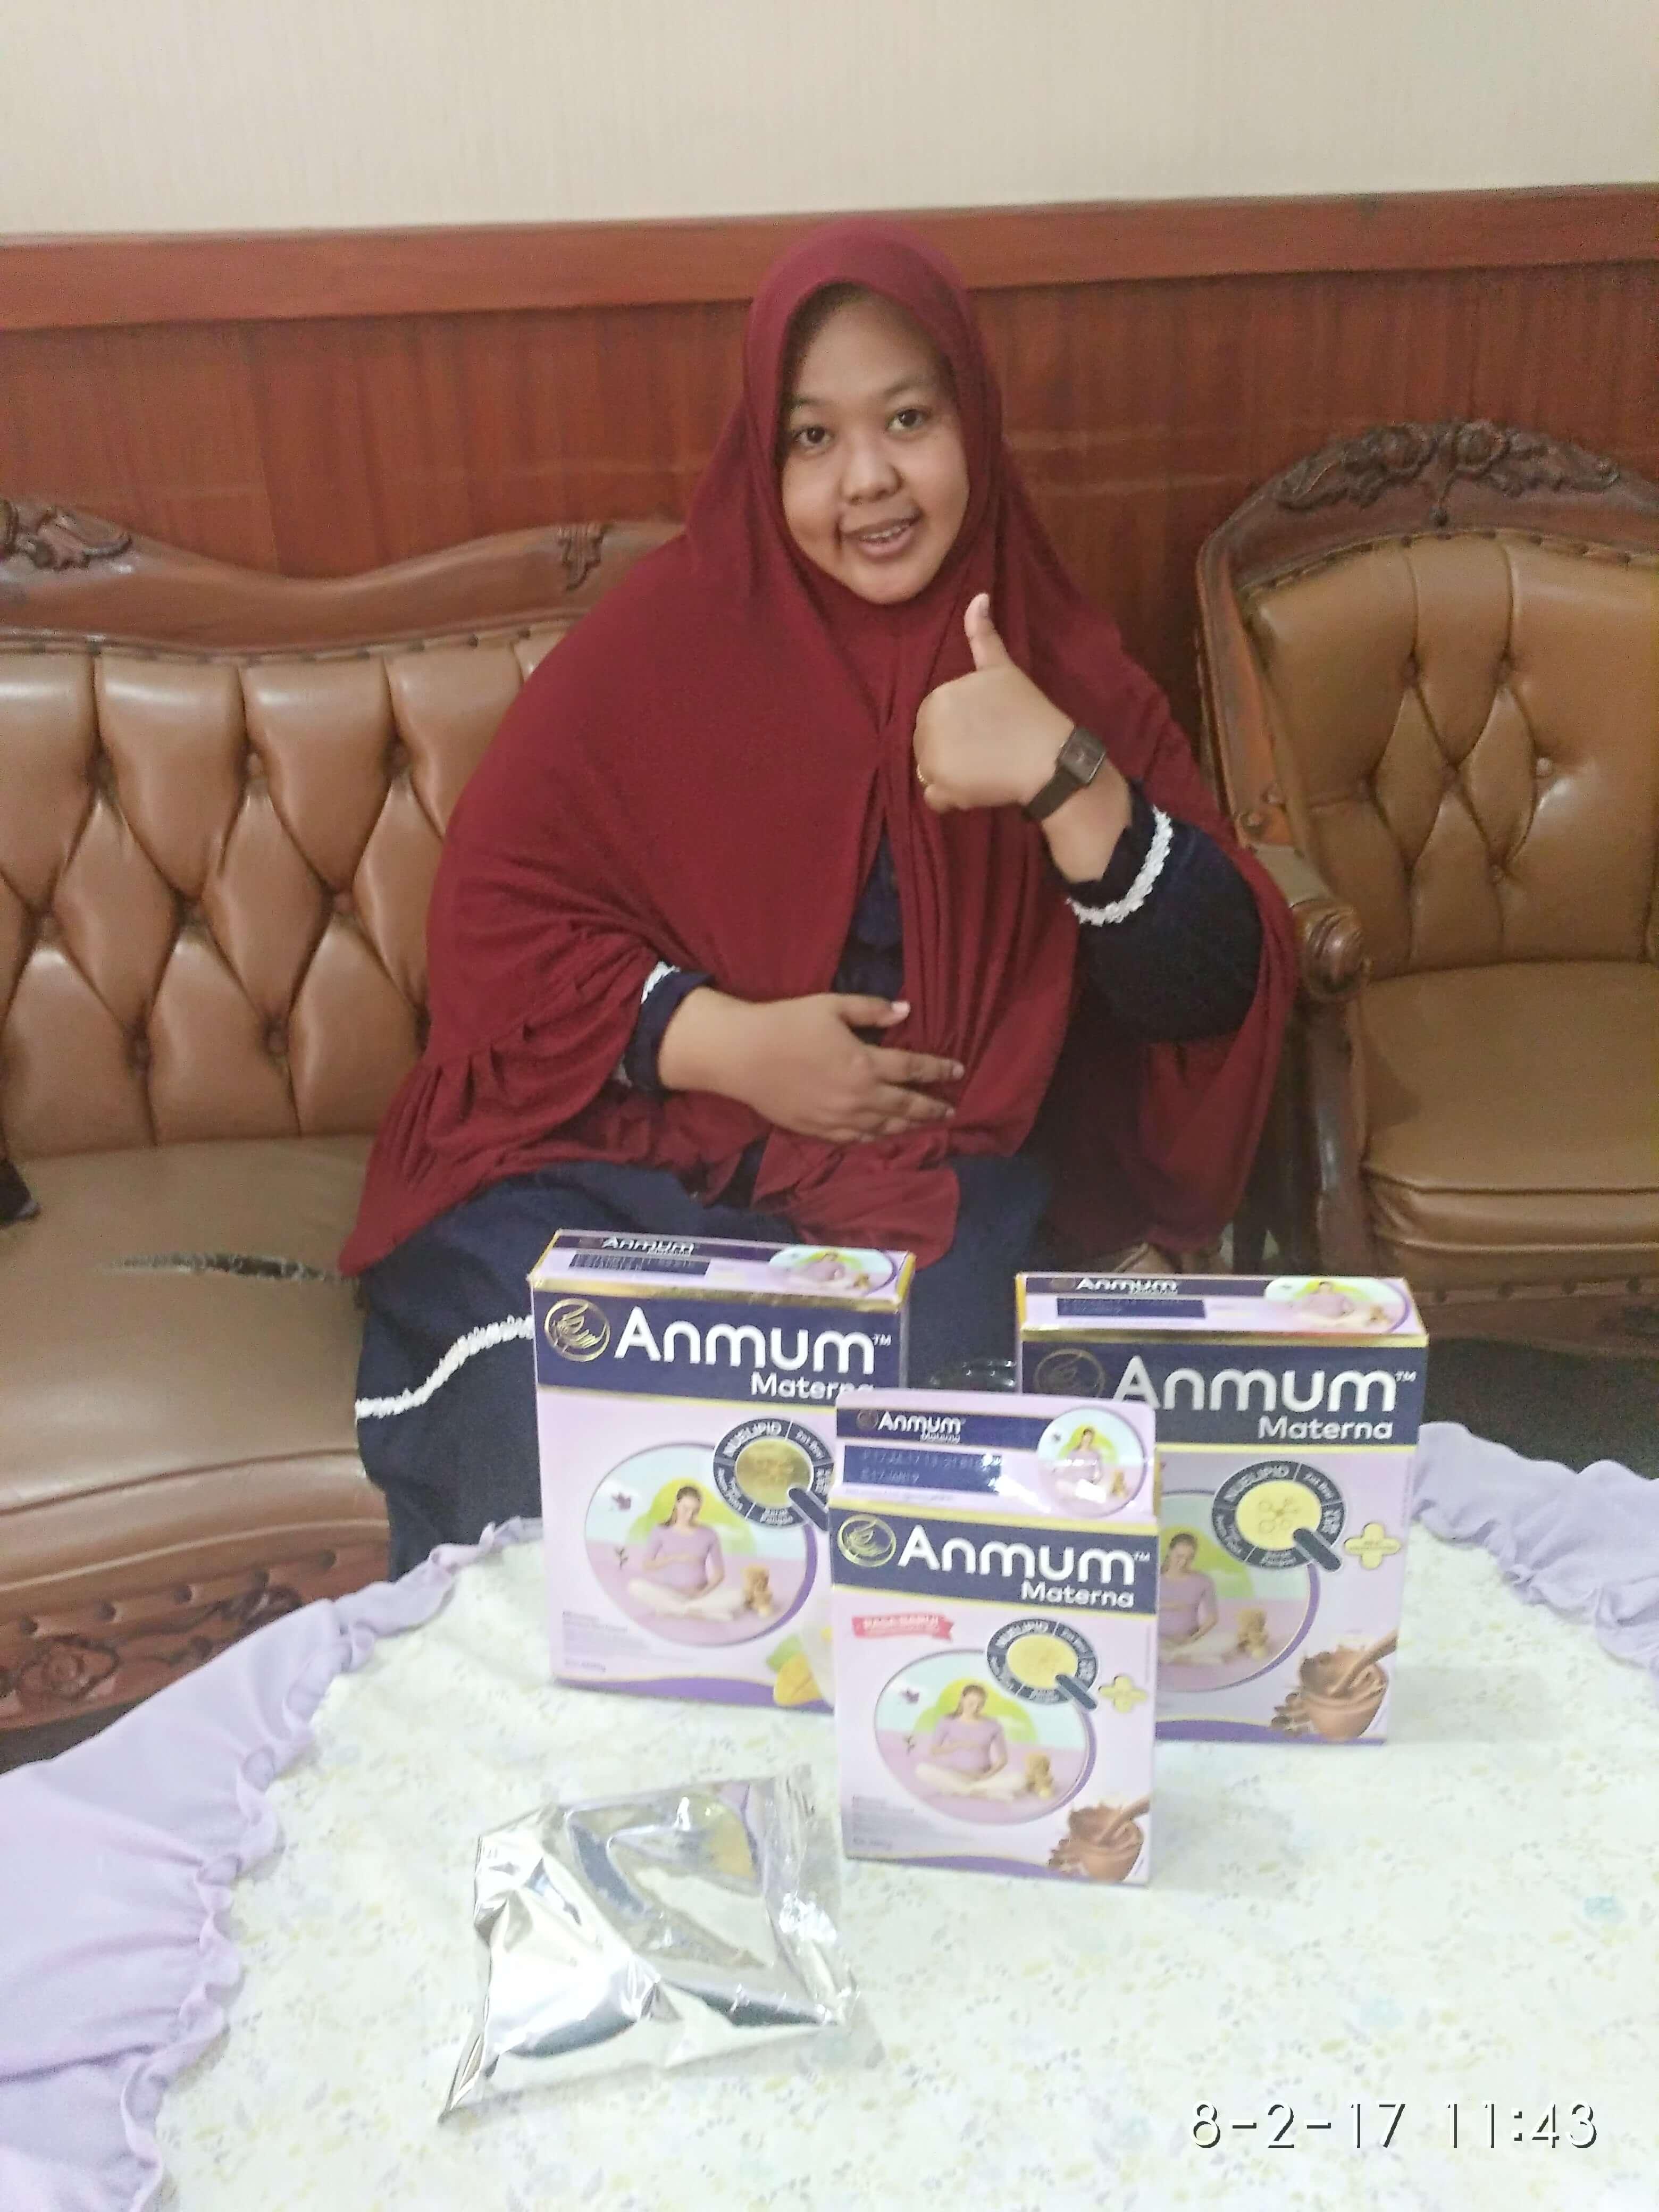 Stock susu Anmum Materna aman untuk 2 minggu